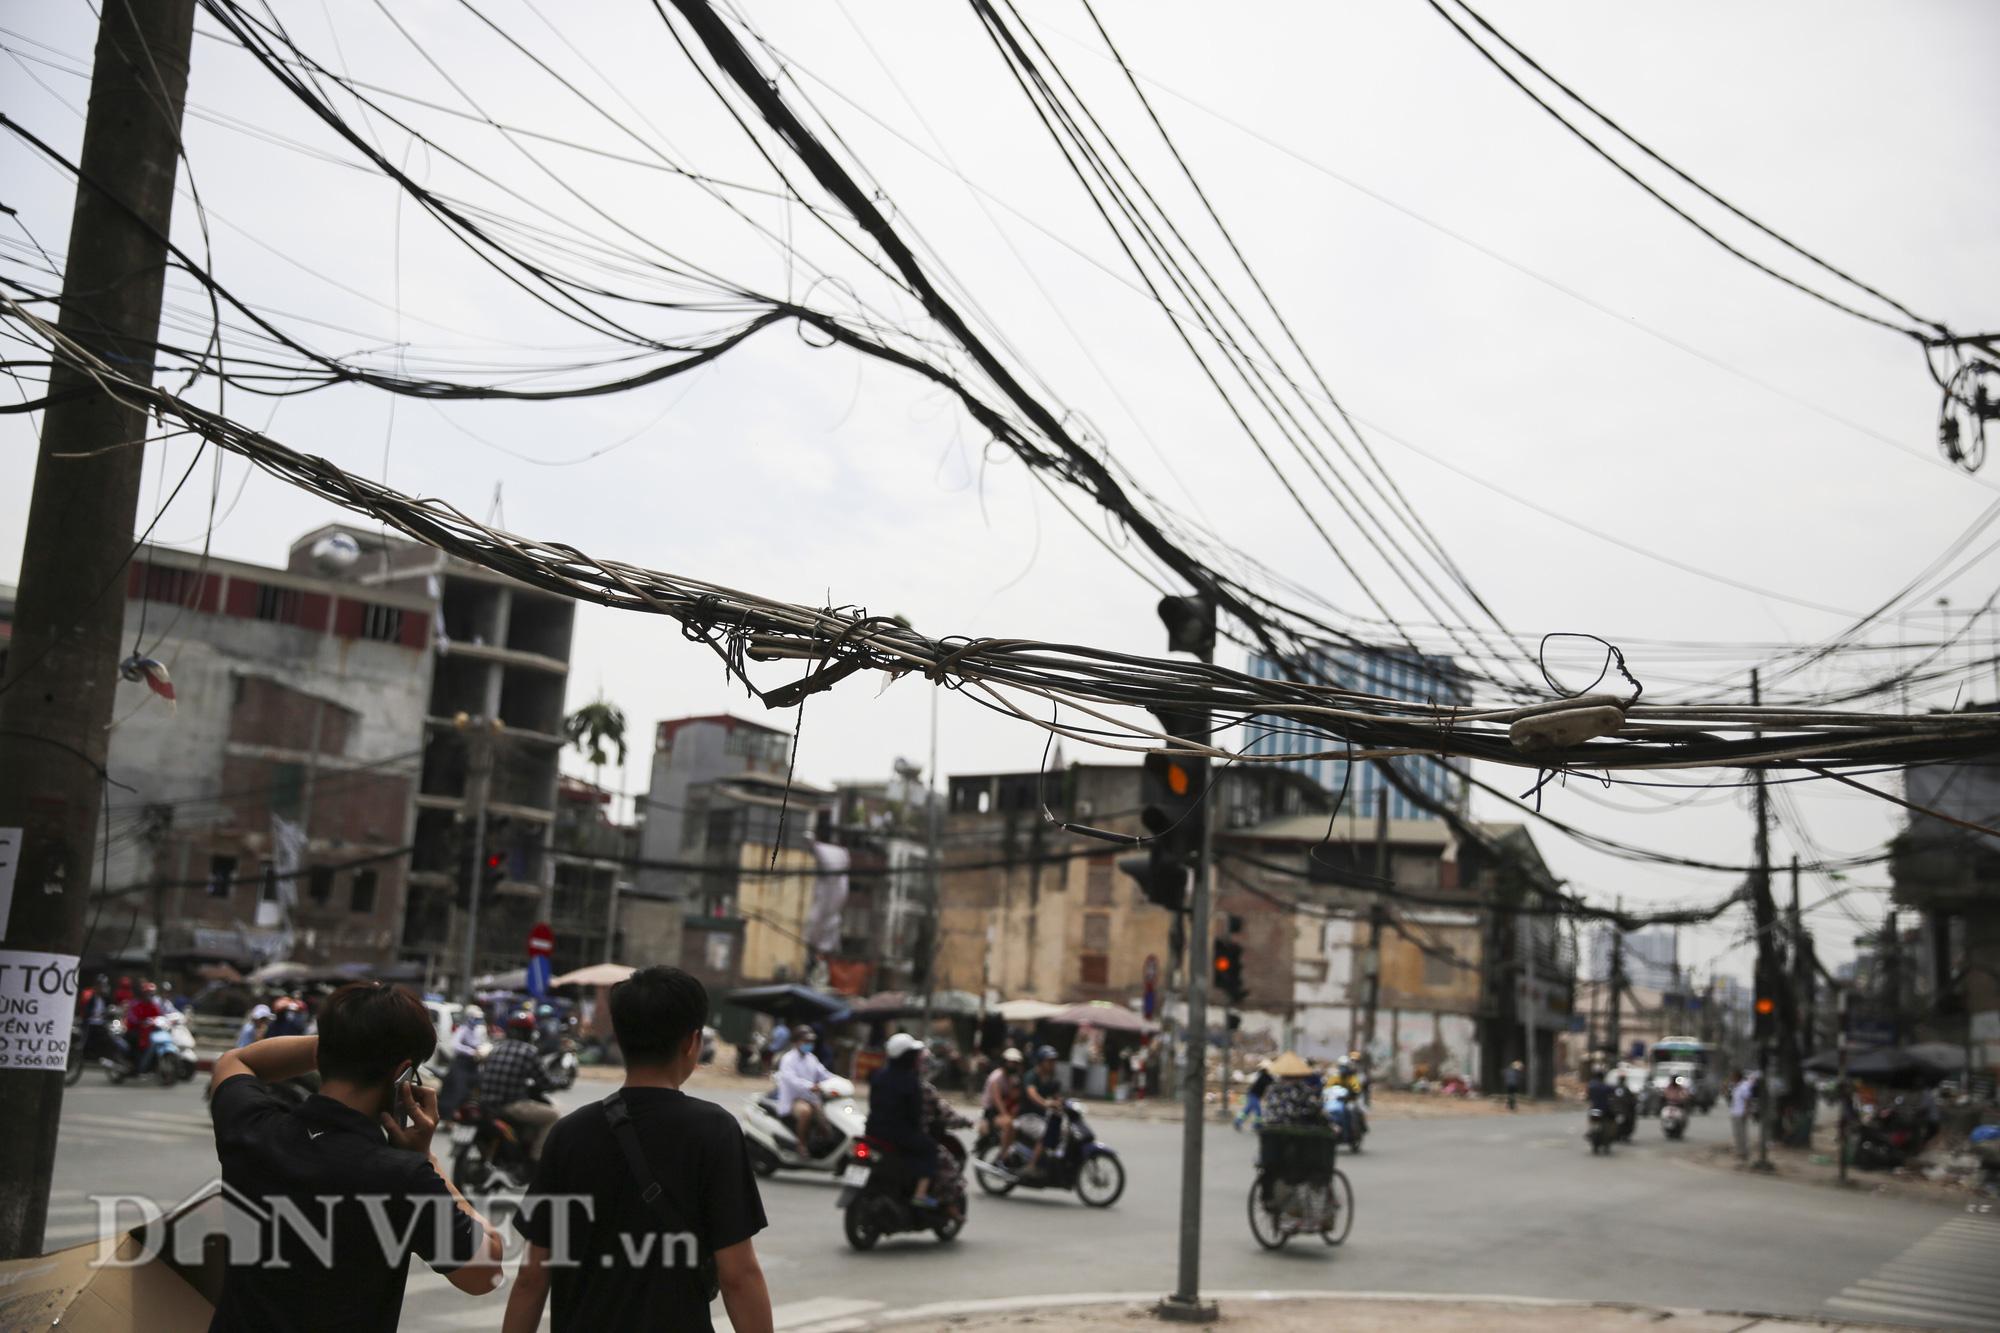 """""""Mạng nhện"""" chằng chịt, bủa vây đường phố Hà Nội - Ảnh 3."""